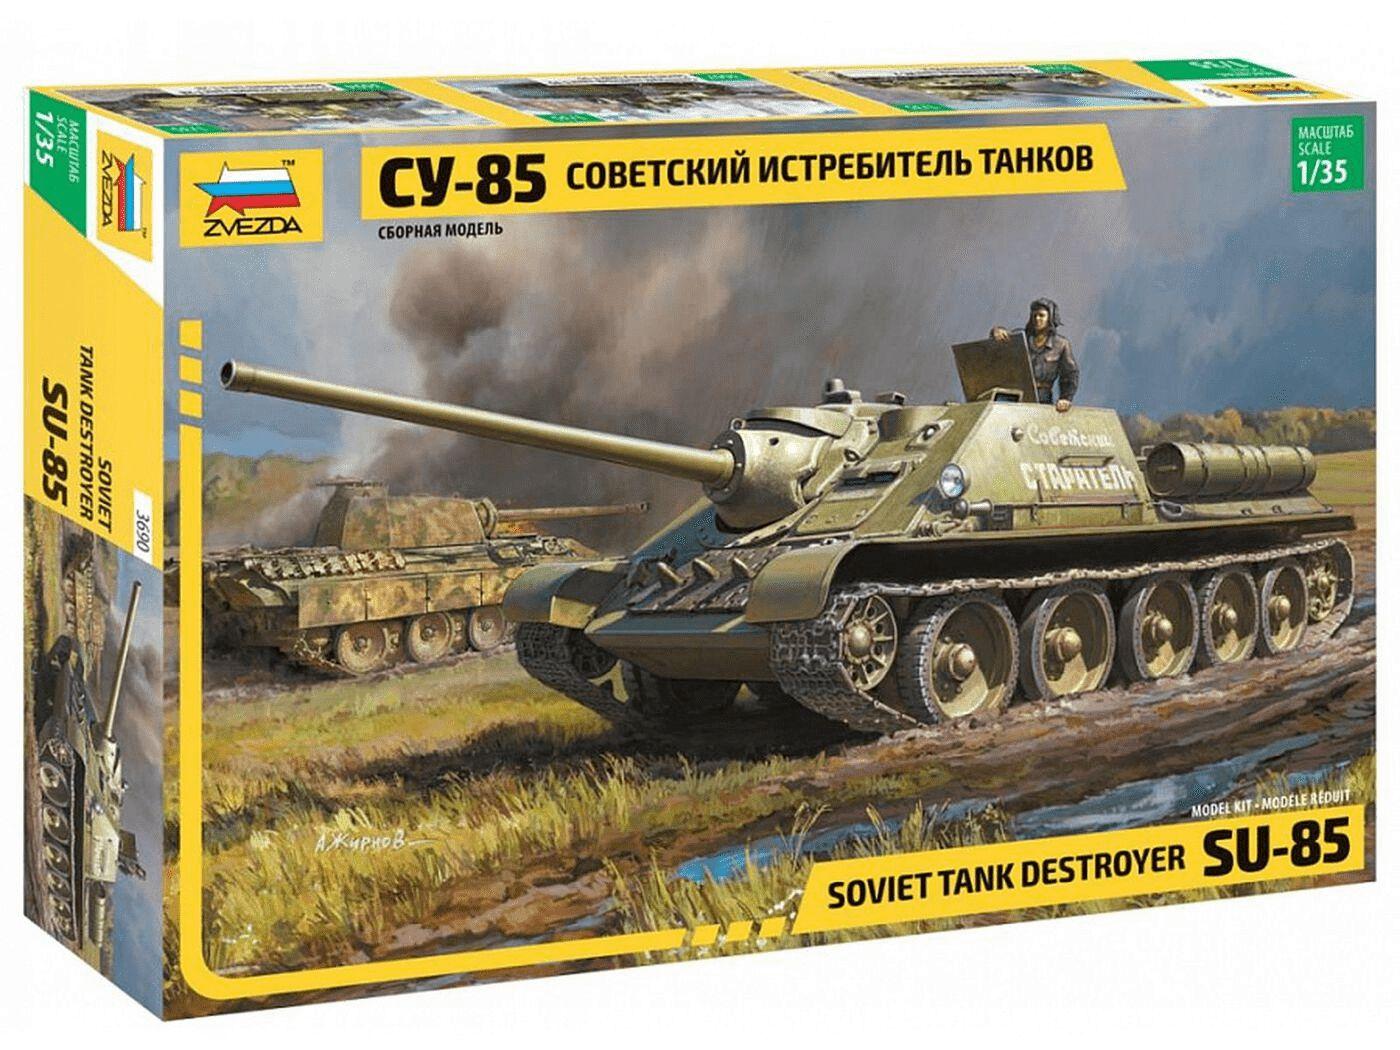 Купить Модель сборная Звезда Советский истребитель танков Су-85, ZVEZDA, Модели для сборки